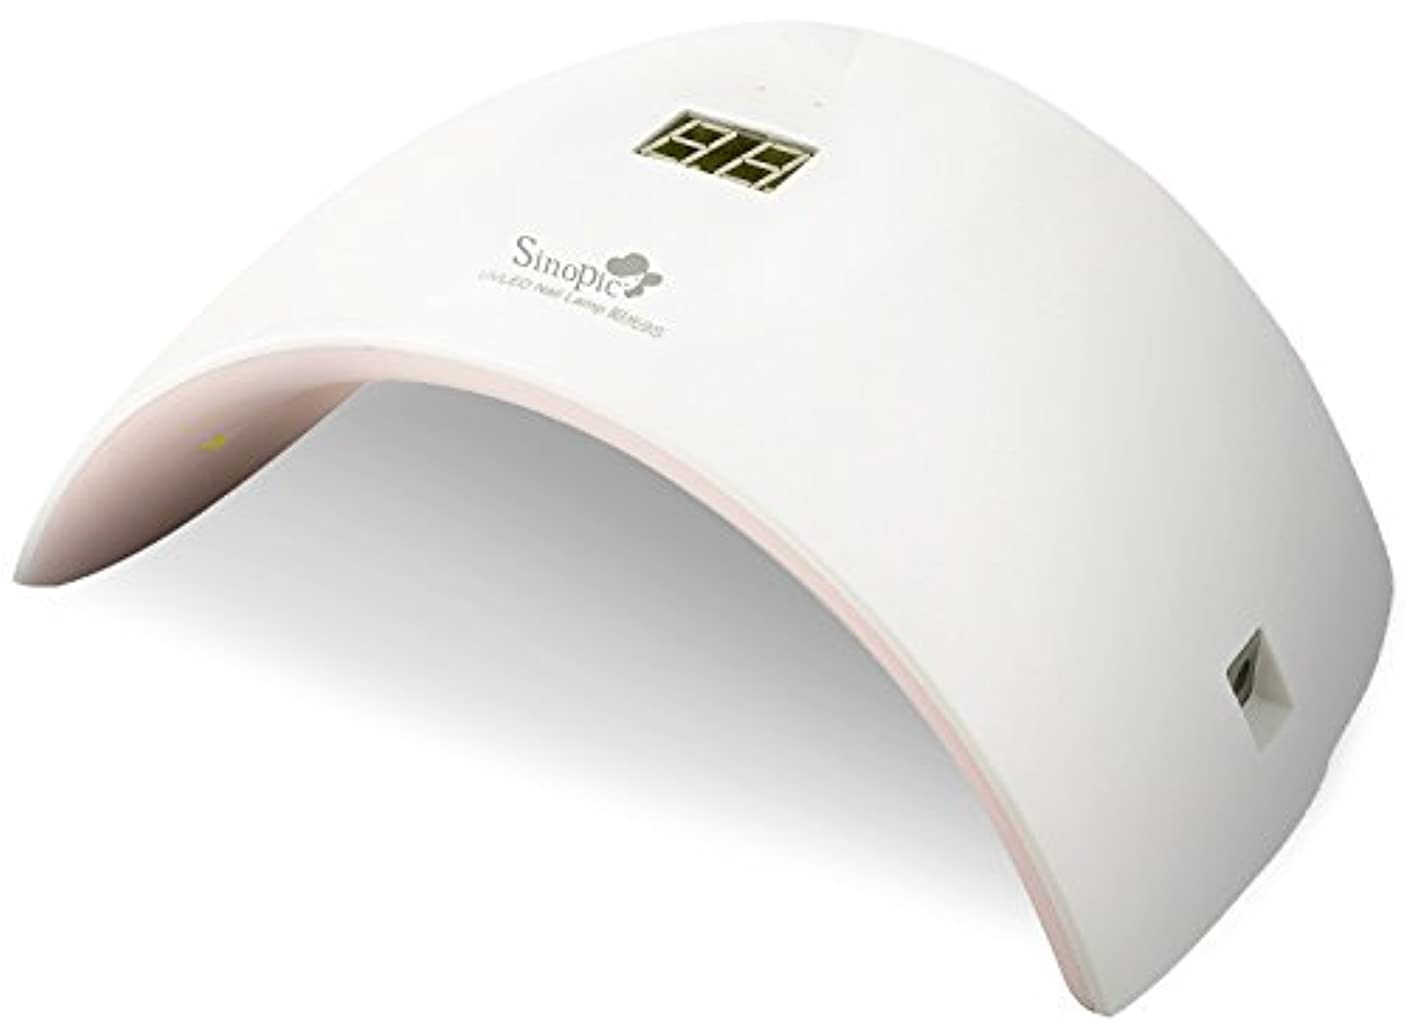 義務的照らす敬Sinopic ネイルドライヤー 硬化ライト 自動センサ式 UV+ LEDライト 24W ジェルネイル マニキュアゲル 赤外線感知 品番:9S